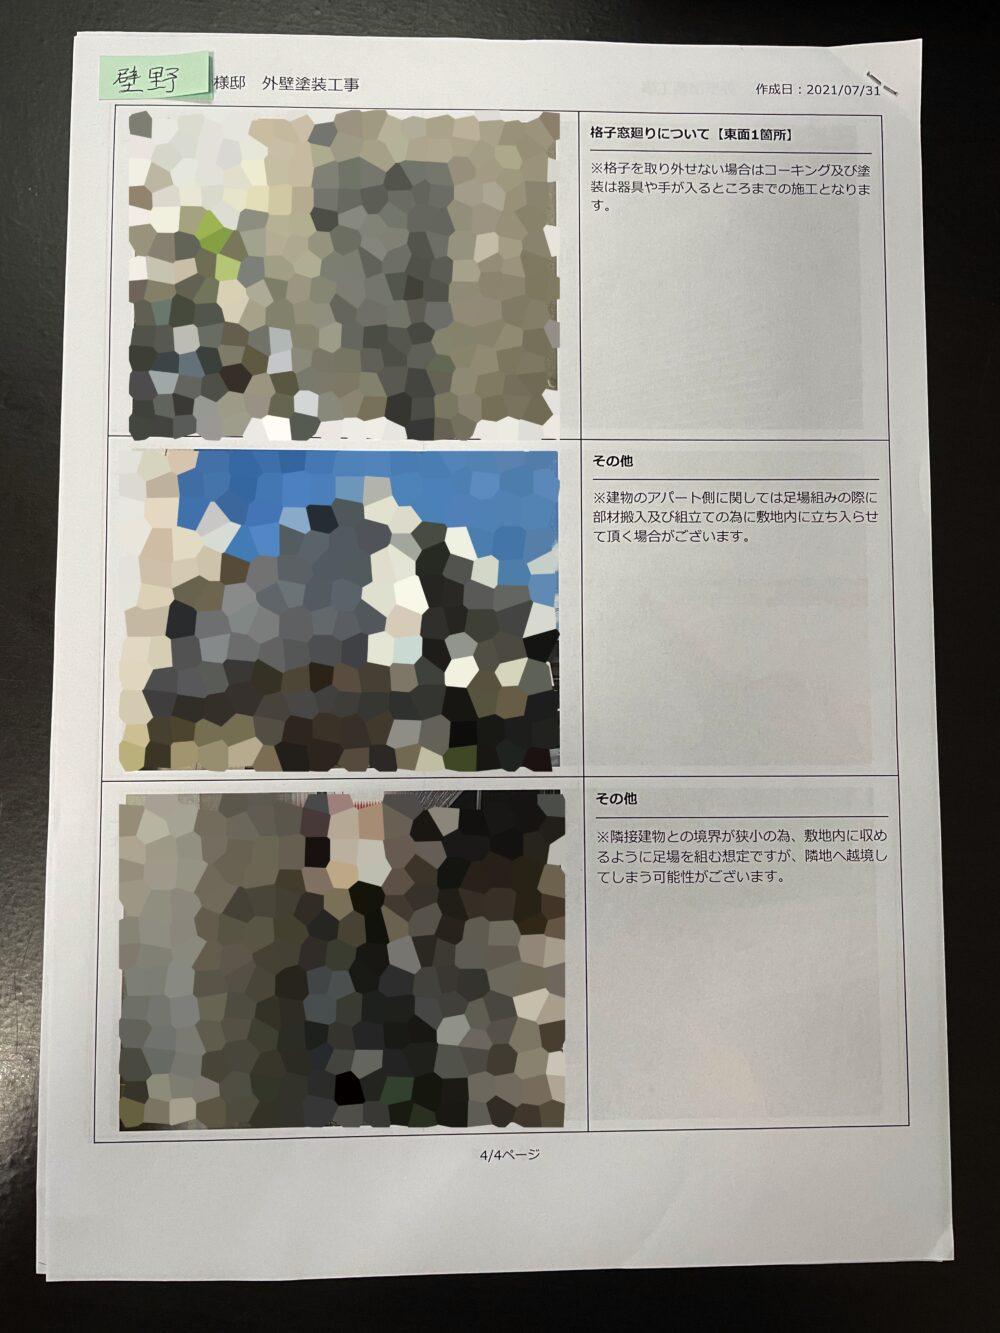 ホームプロ 業者からもらった写真提案書類